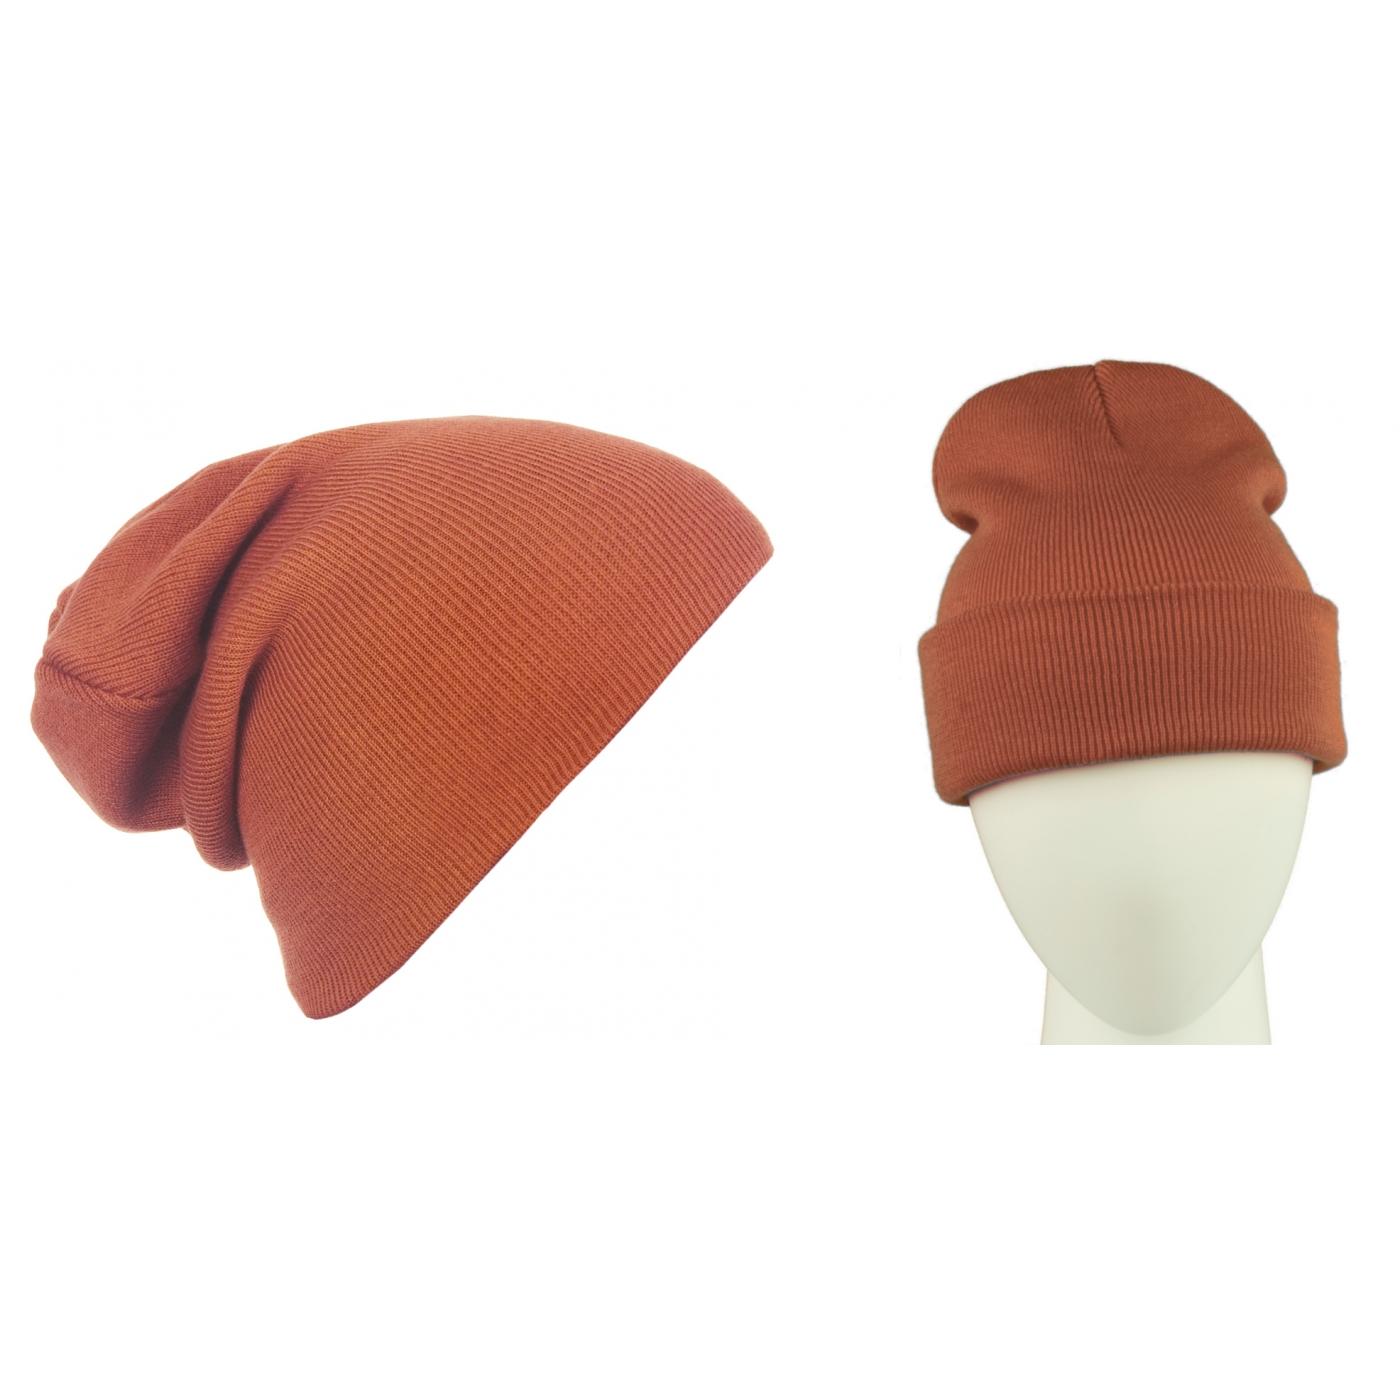 Męska czapka zimowa krasnal 3w1 - rdzawa ruda